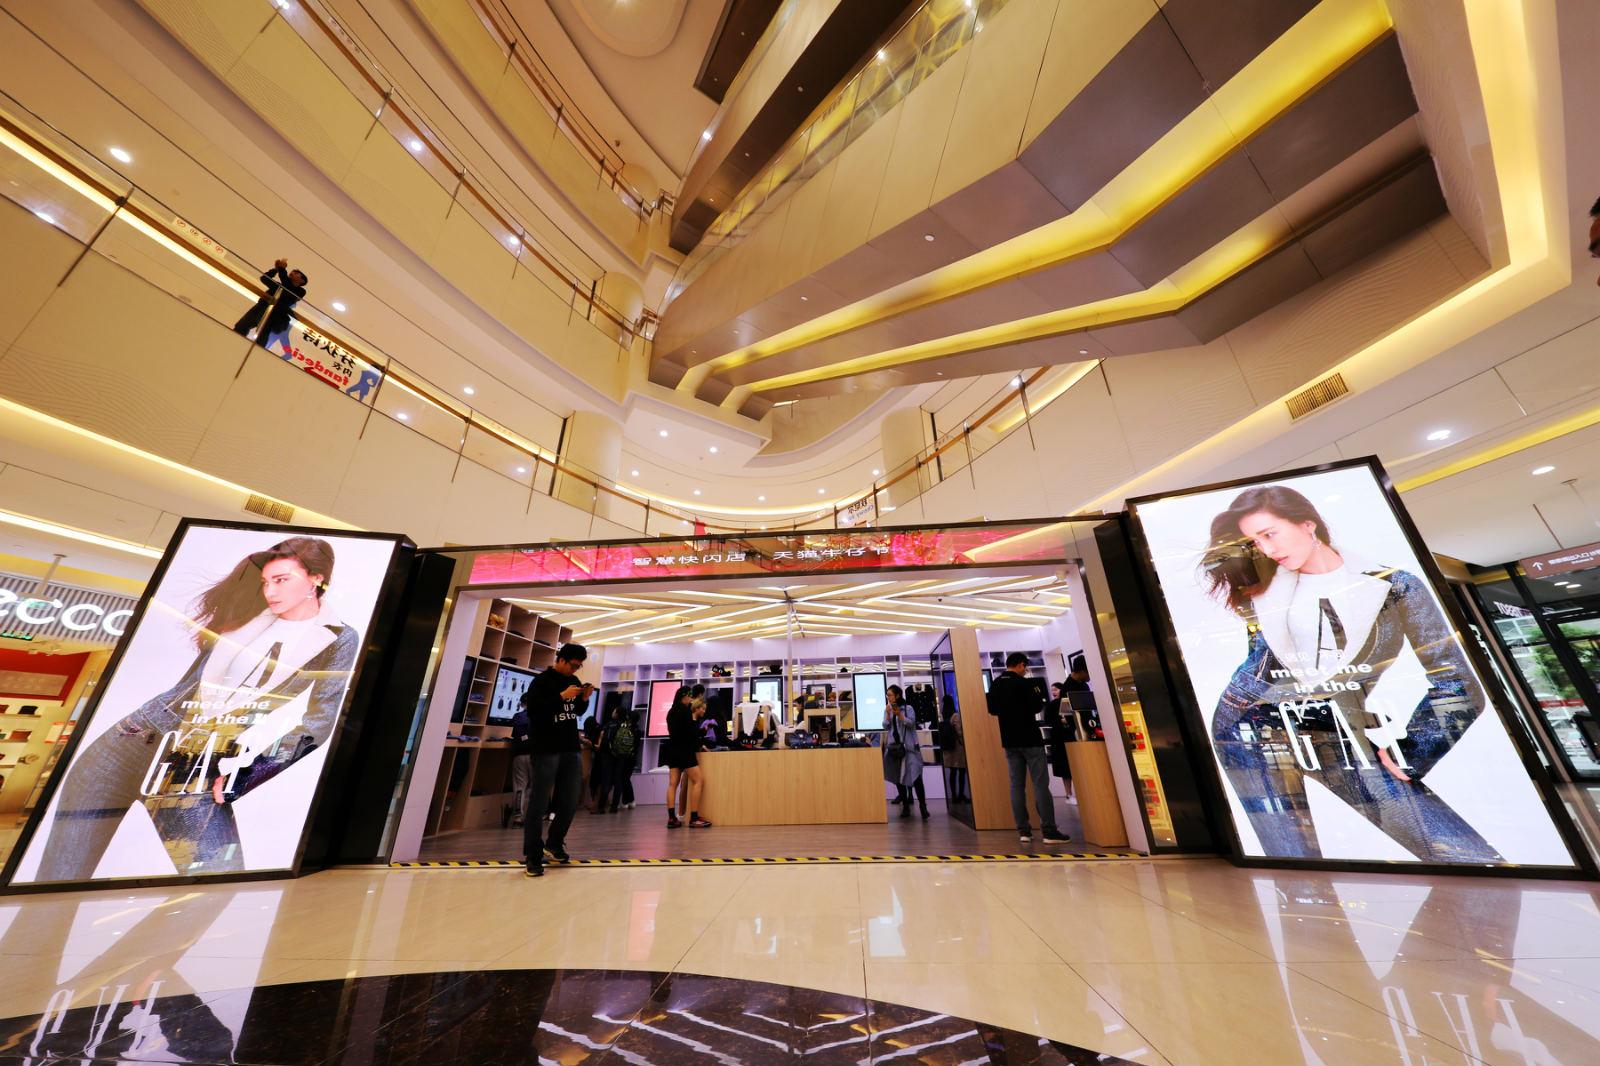 10月12日天猫在杭州中大银泰推出首家无人服饰店_meitu_1